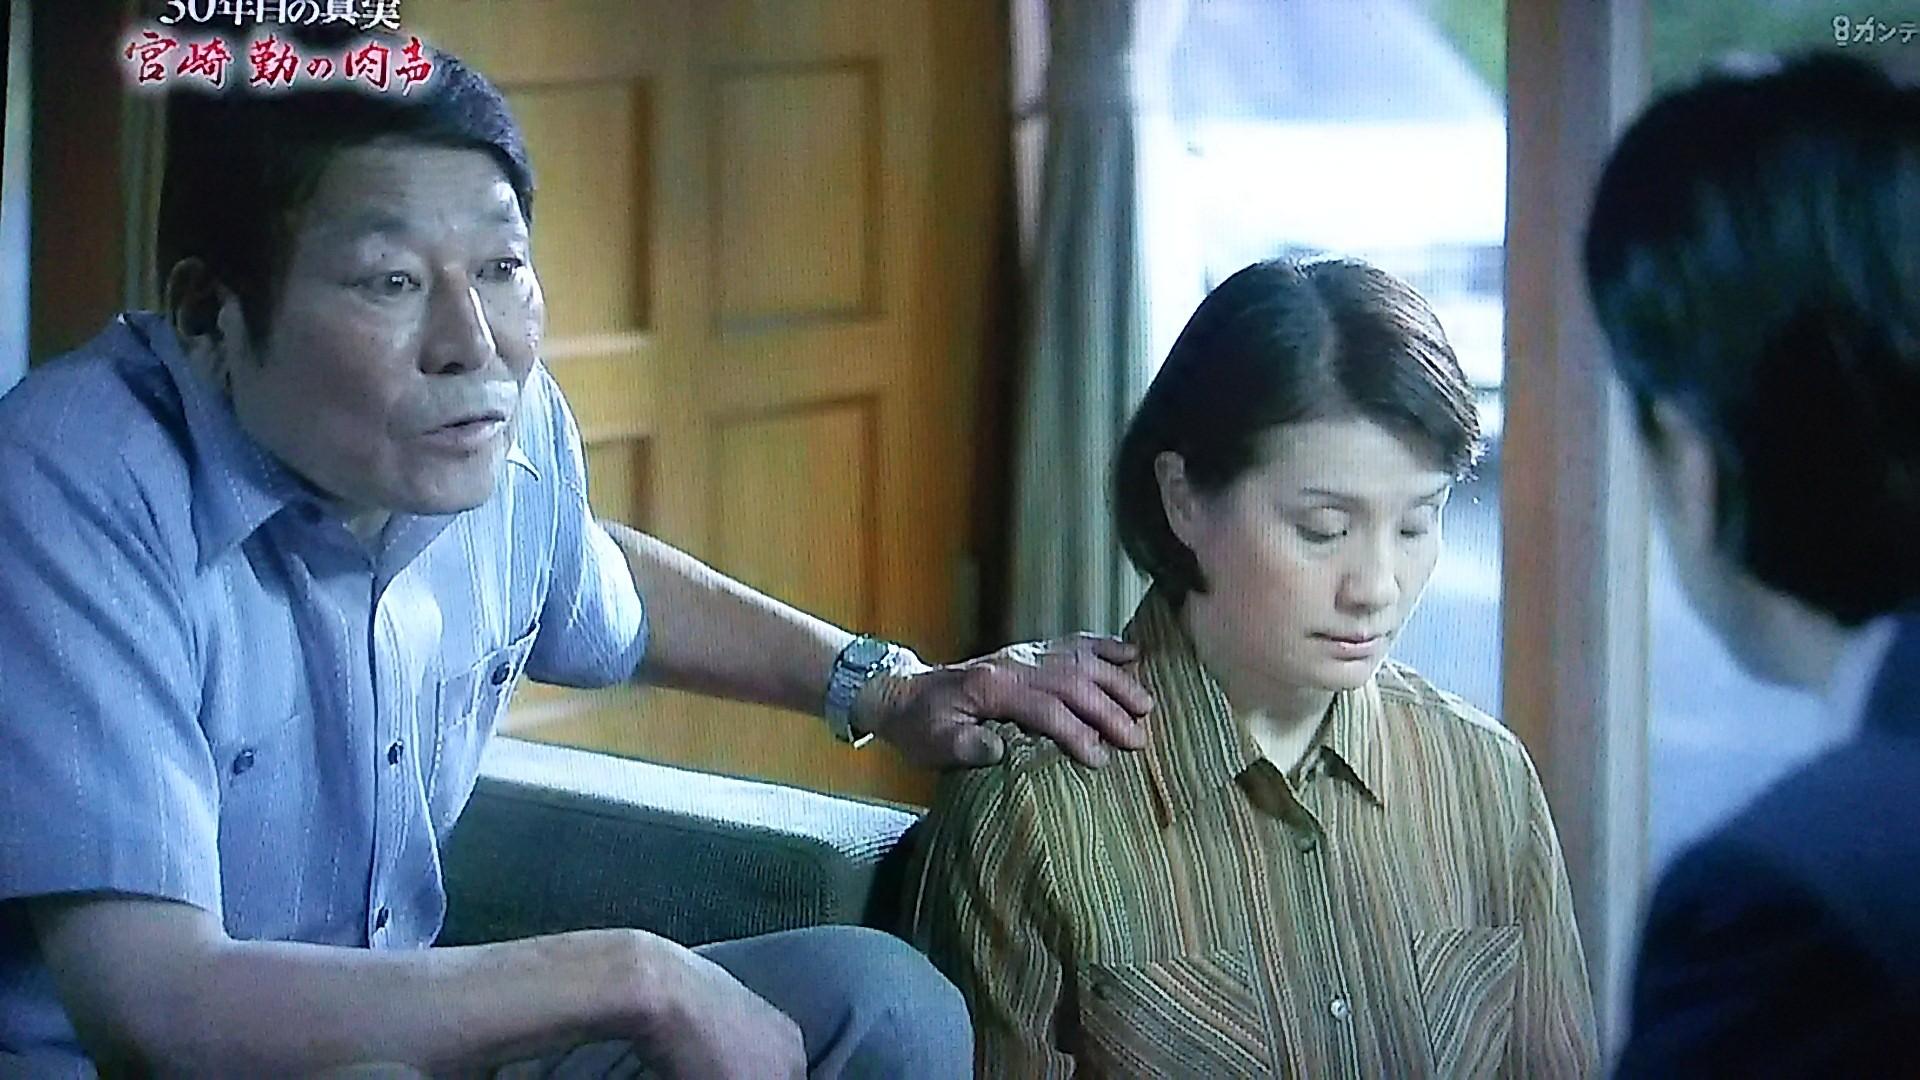 殺人 幼女 事件 東京 連続 誘拐 埼玉